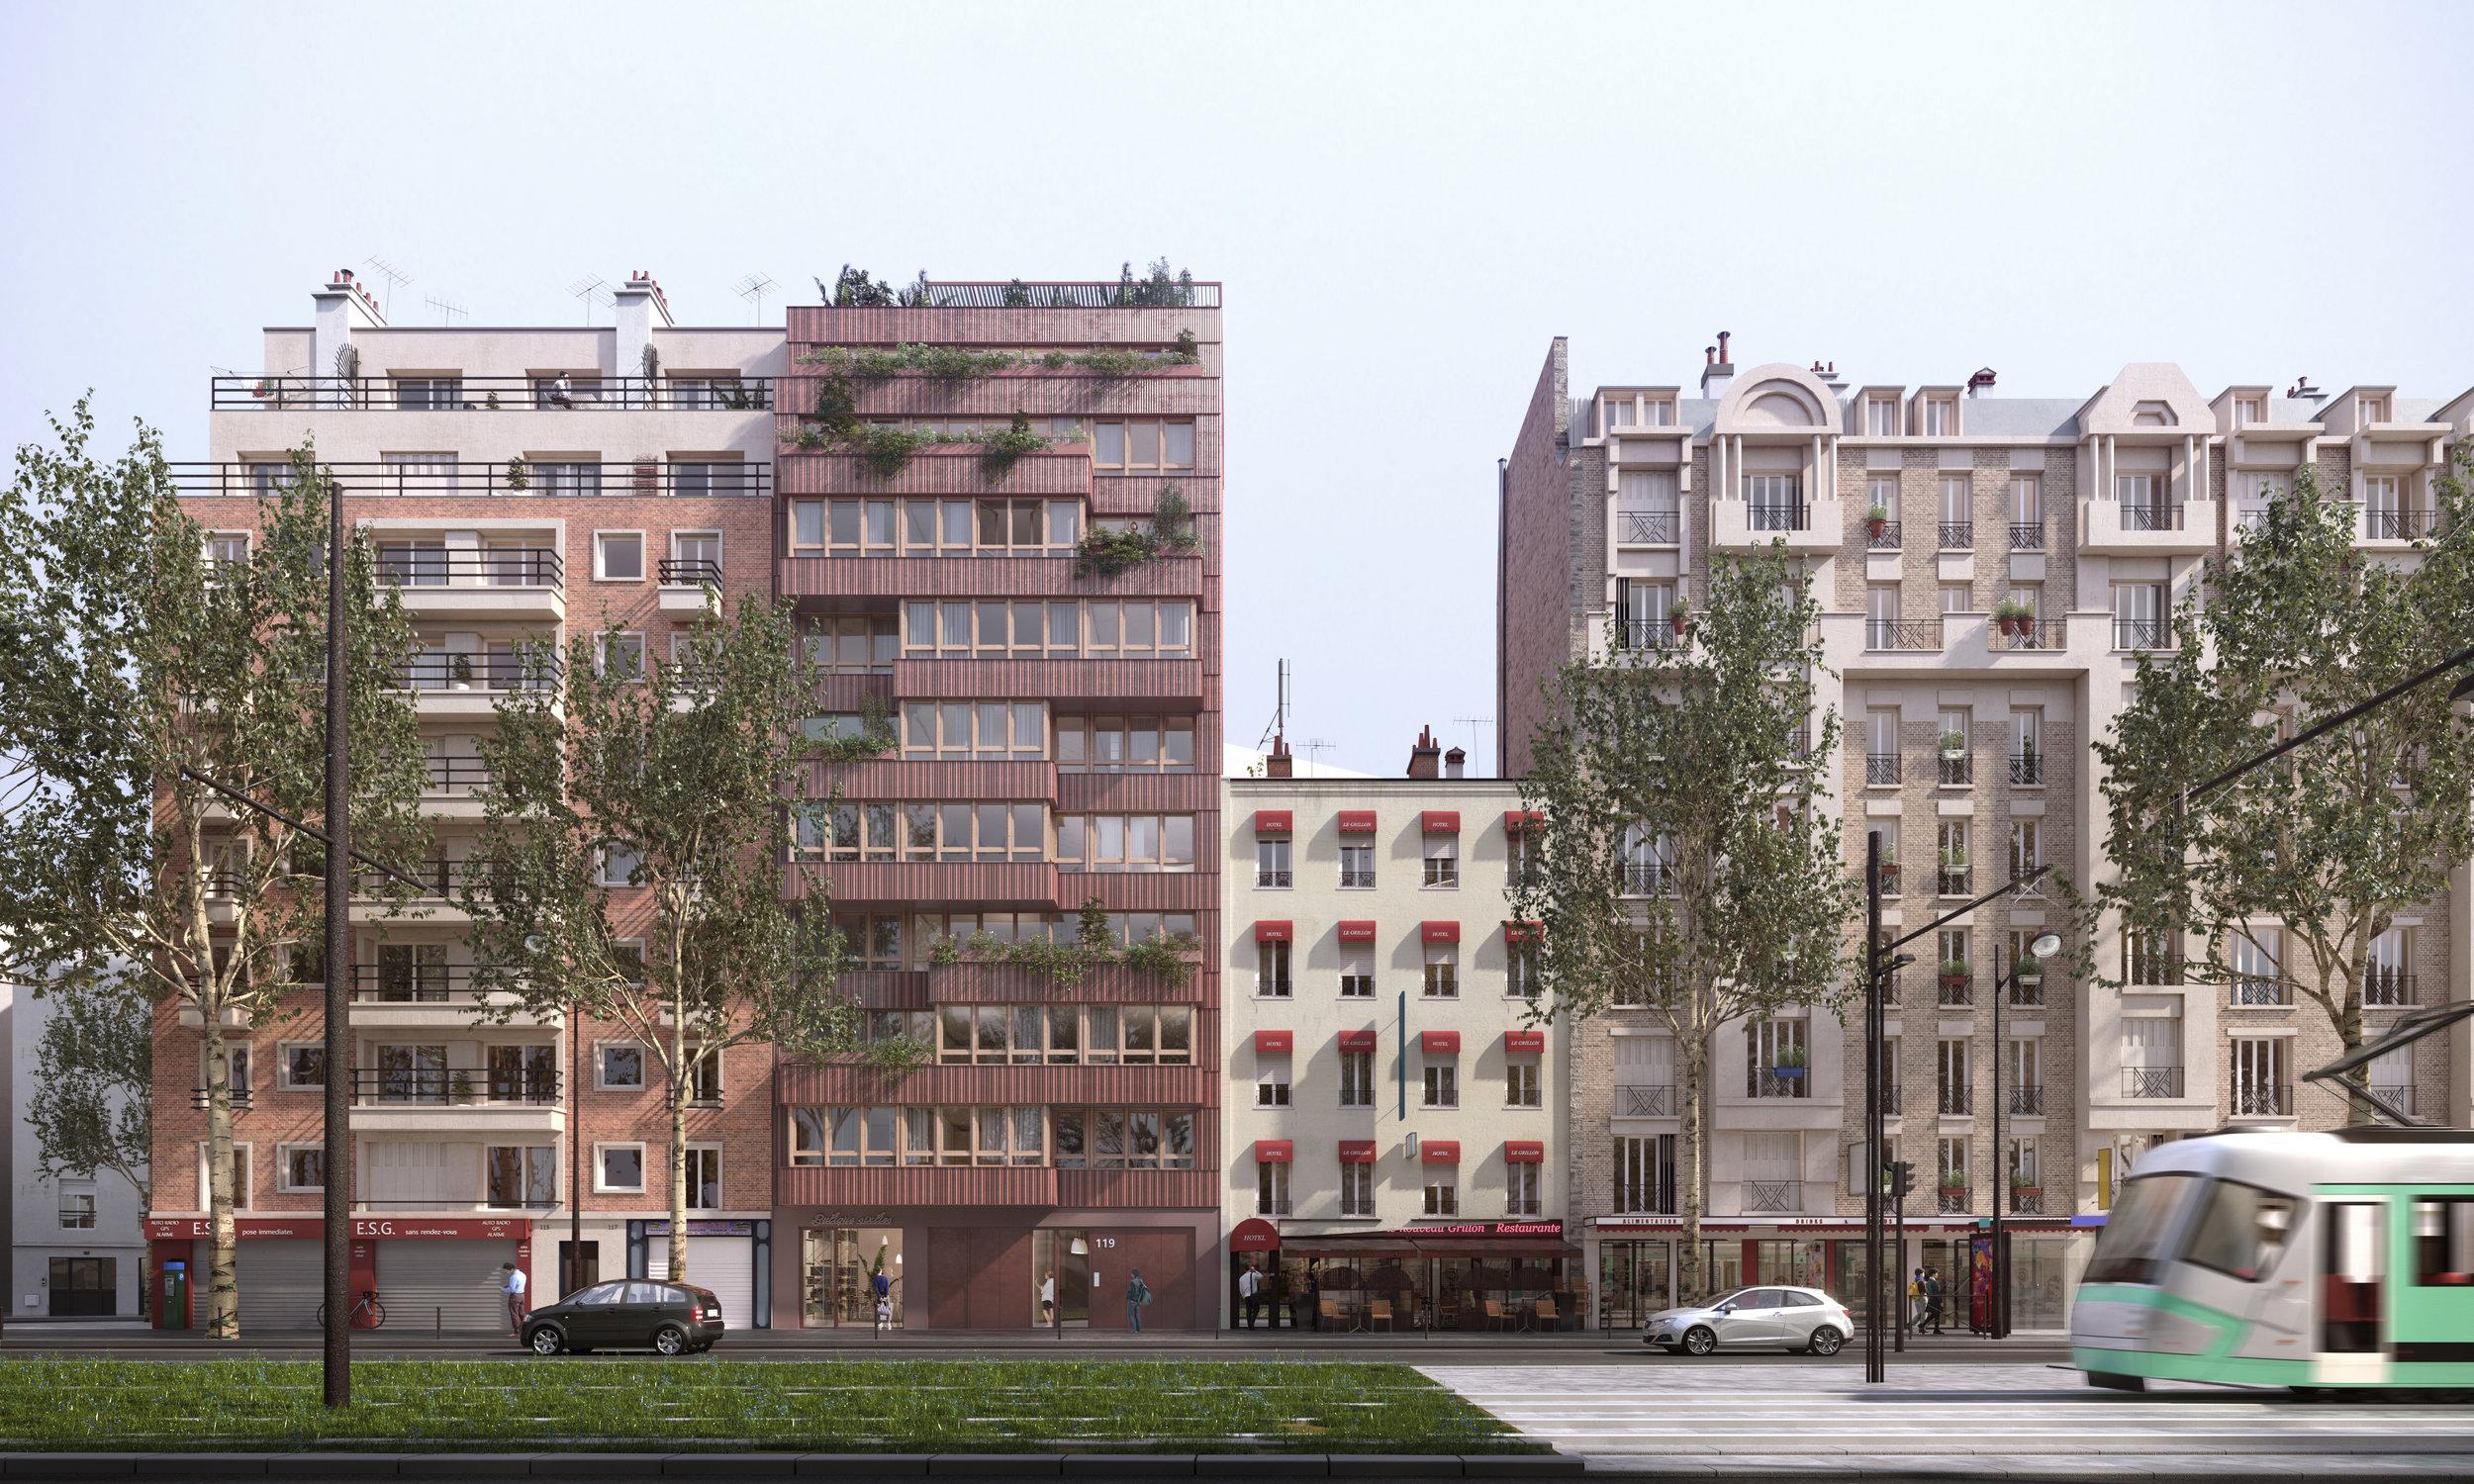 16 logements Paris 17e - programme:16 logements sociaux et un jardin partagé sur le toitmaîtrise d'ouvrage:Pierres et Lumièresmaîtrise d'oeuvre:Palast, Switch (thermique et fluides), I+A (structure), M.Ecallard (economiste)mission :mission de basebudget :2 millions d'euroslieu :119 Boulevard Bessières, Paris 17Certification:NF Habitat HQE 7 étoiles, Effinergie+calendrier :lauréat du concours en octobre 2016, DCE en courscrédit perspectives :Virgin Lemon